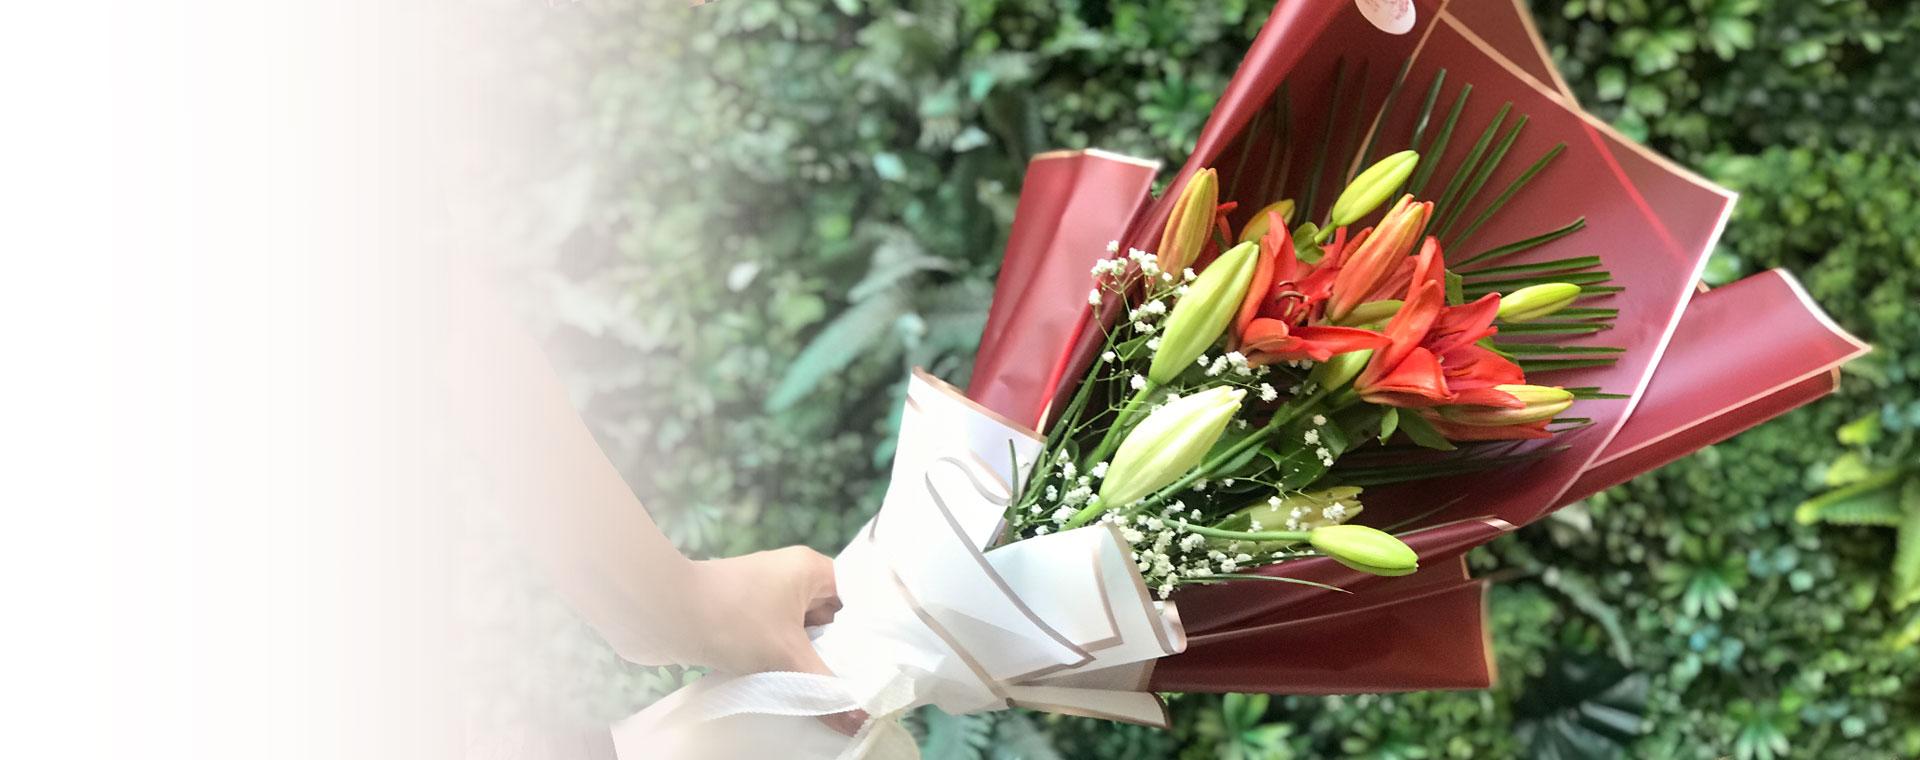 Madame Cvećara | Dostava cveća na adresu po Vašoj želji